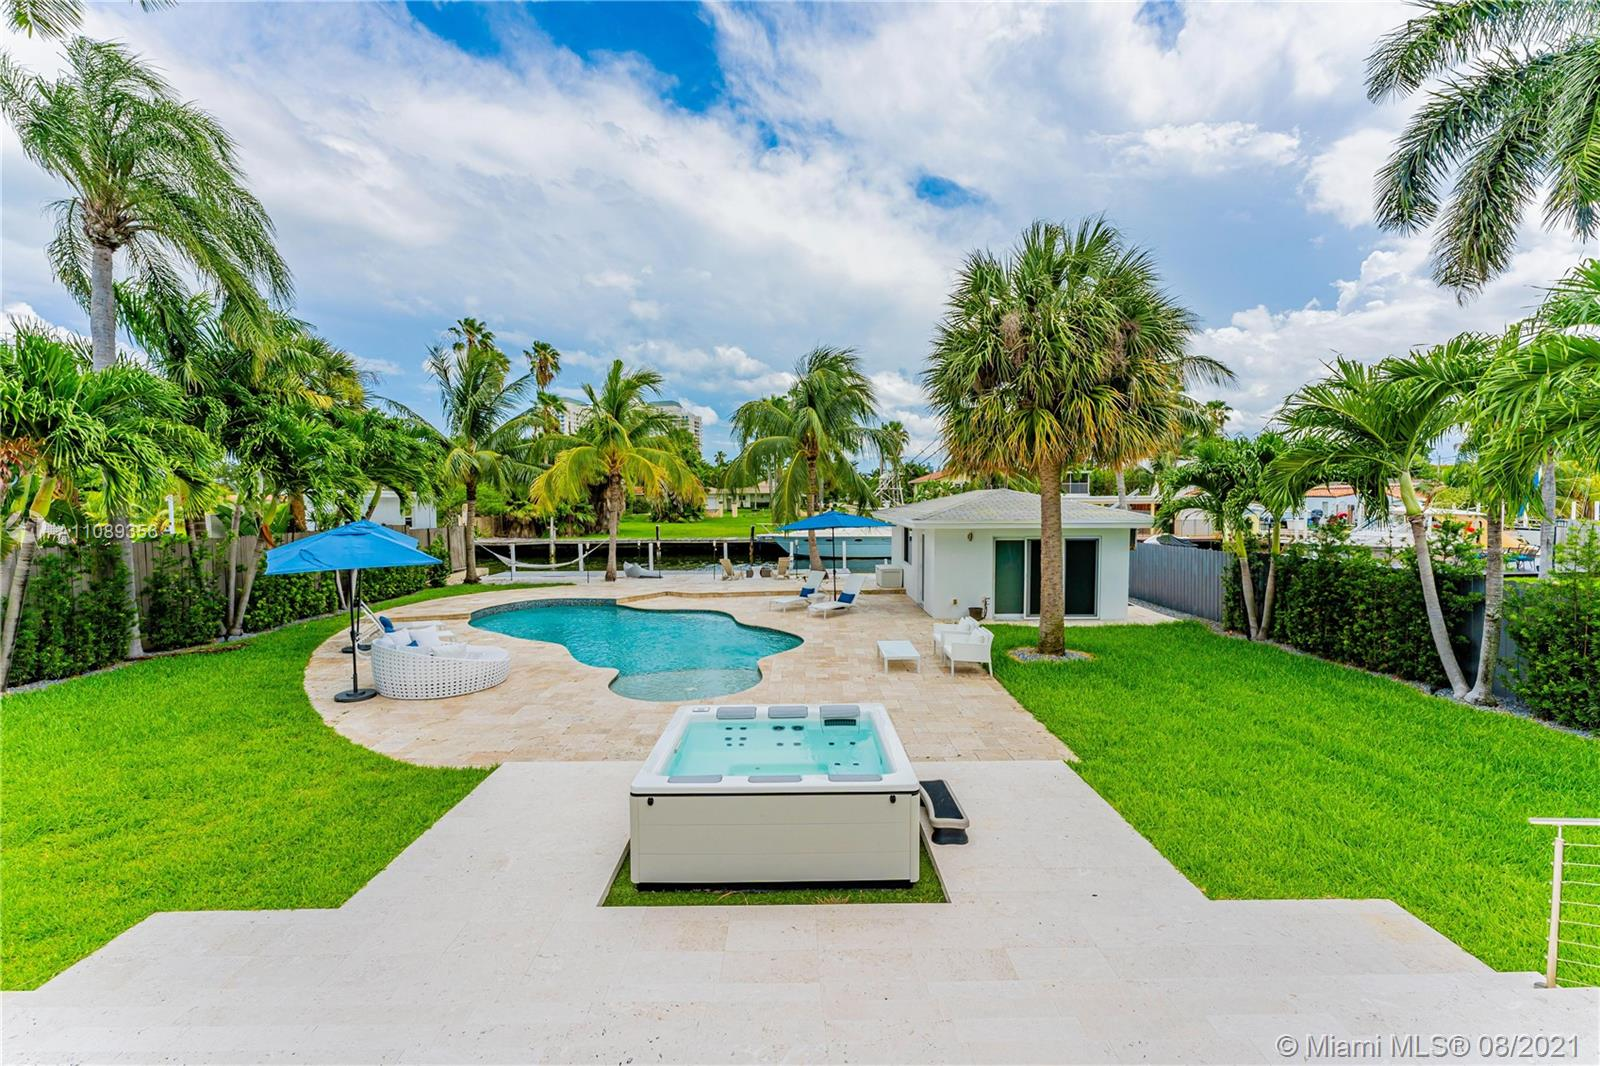 Shore Crest - 1090 NE 84th St, Miami, FL 33138